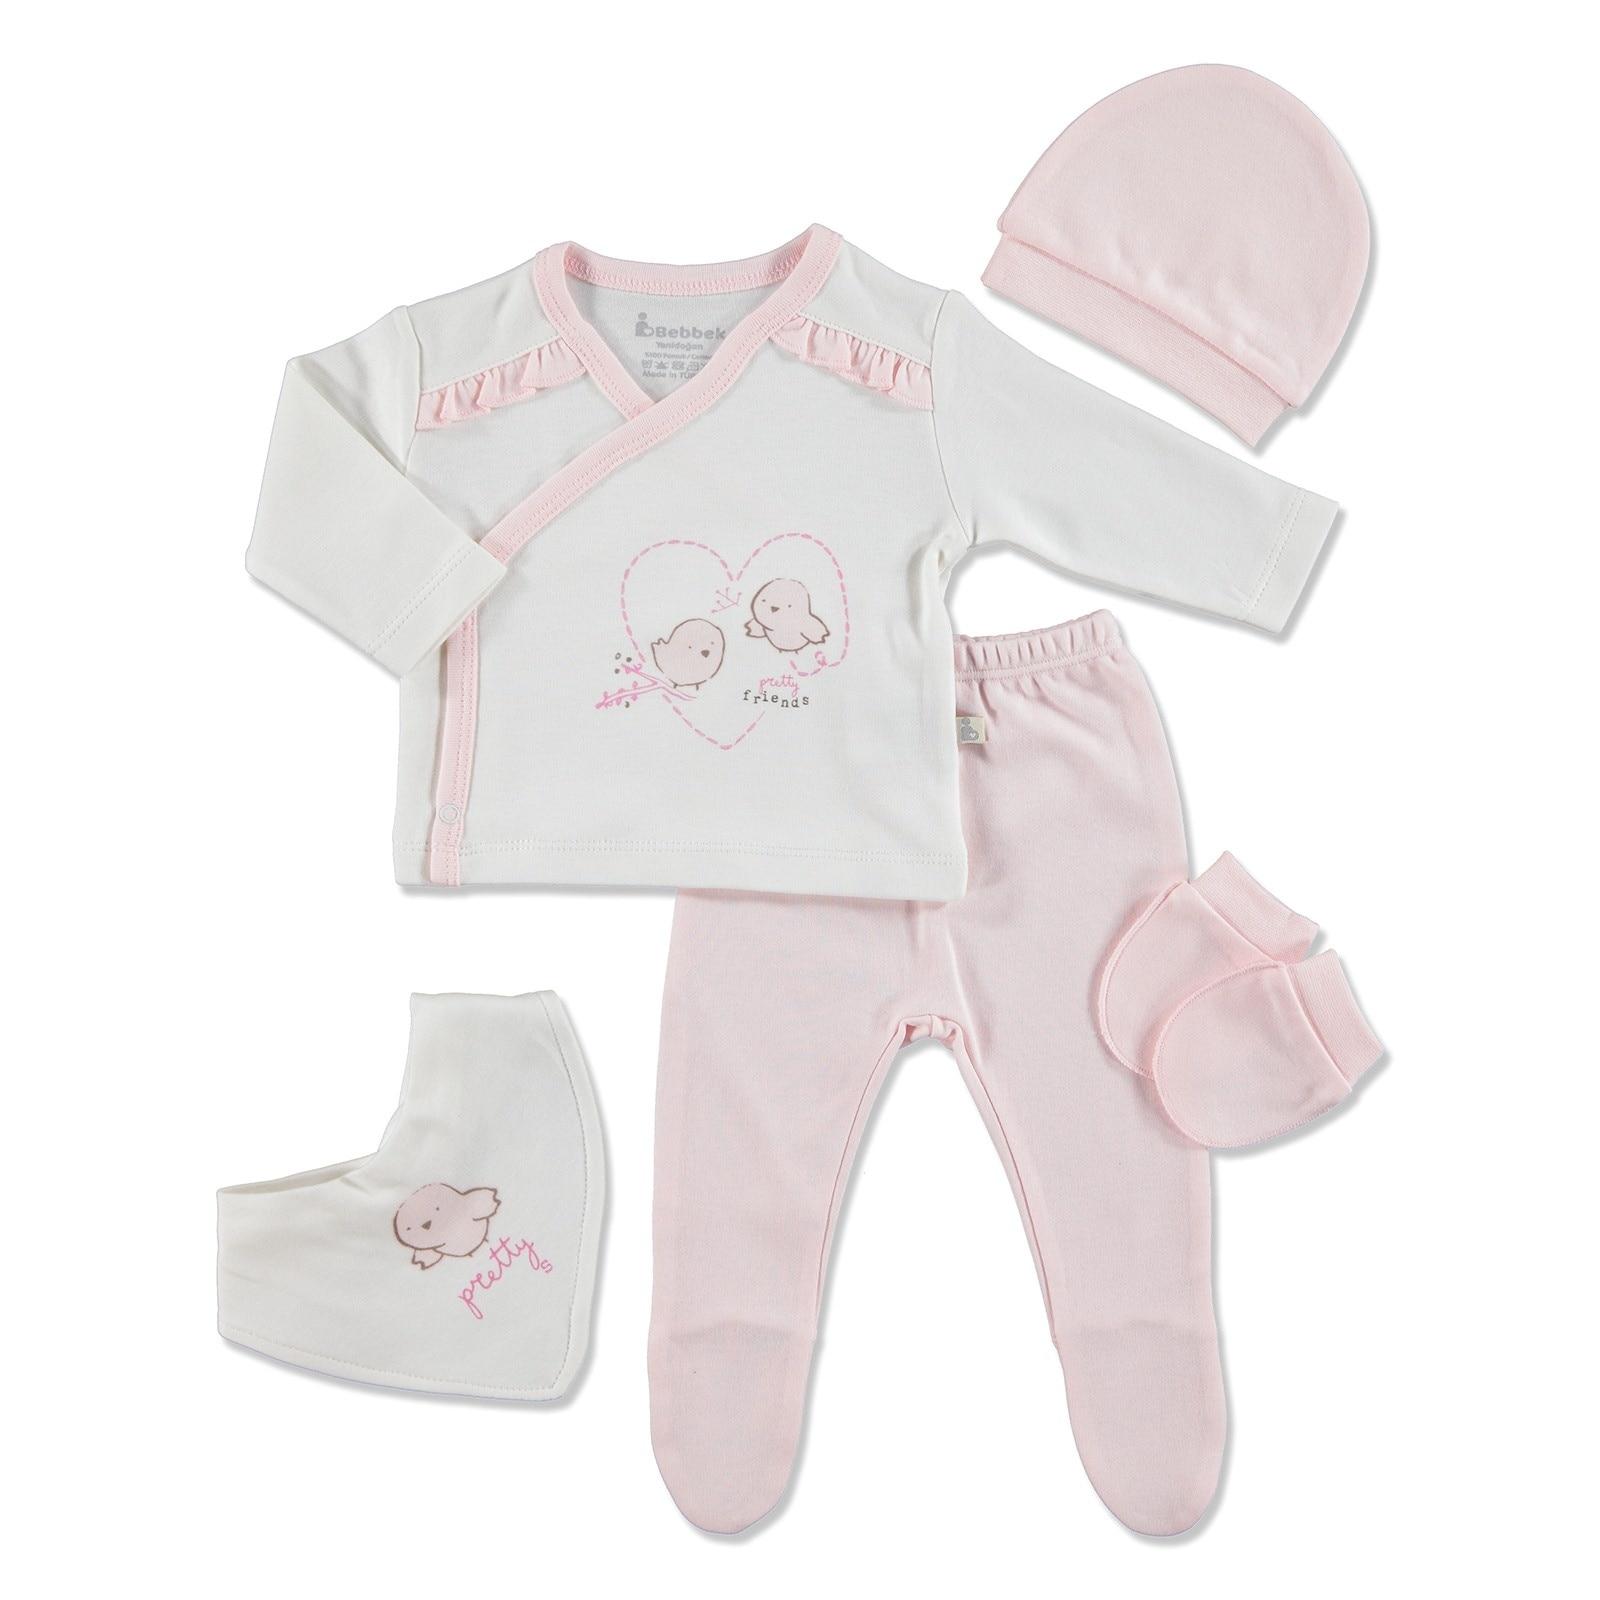 Ebebek Bebbek Lovely Newborn Hospital Pack 5 Pcs